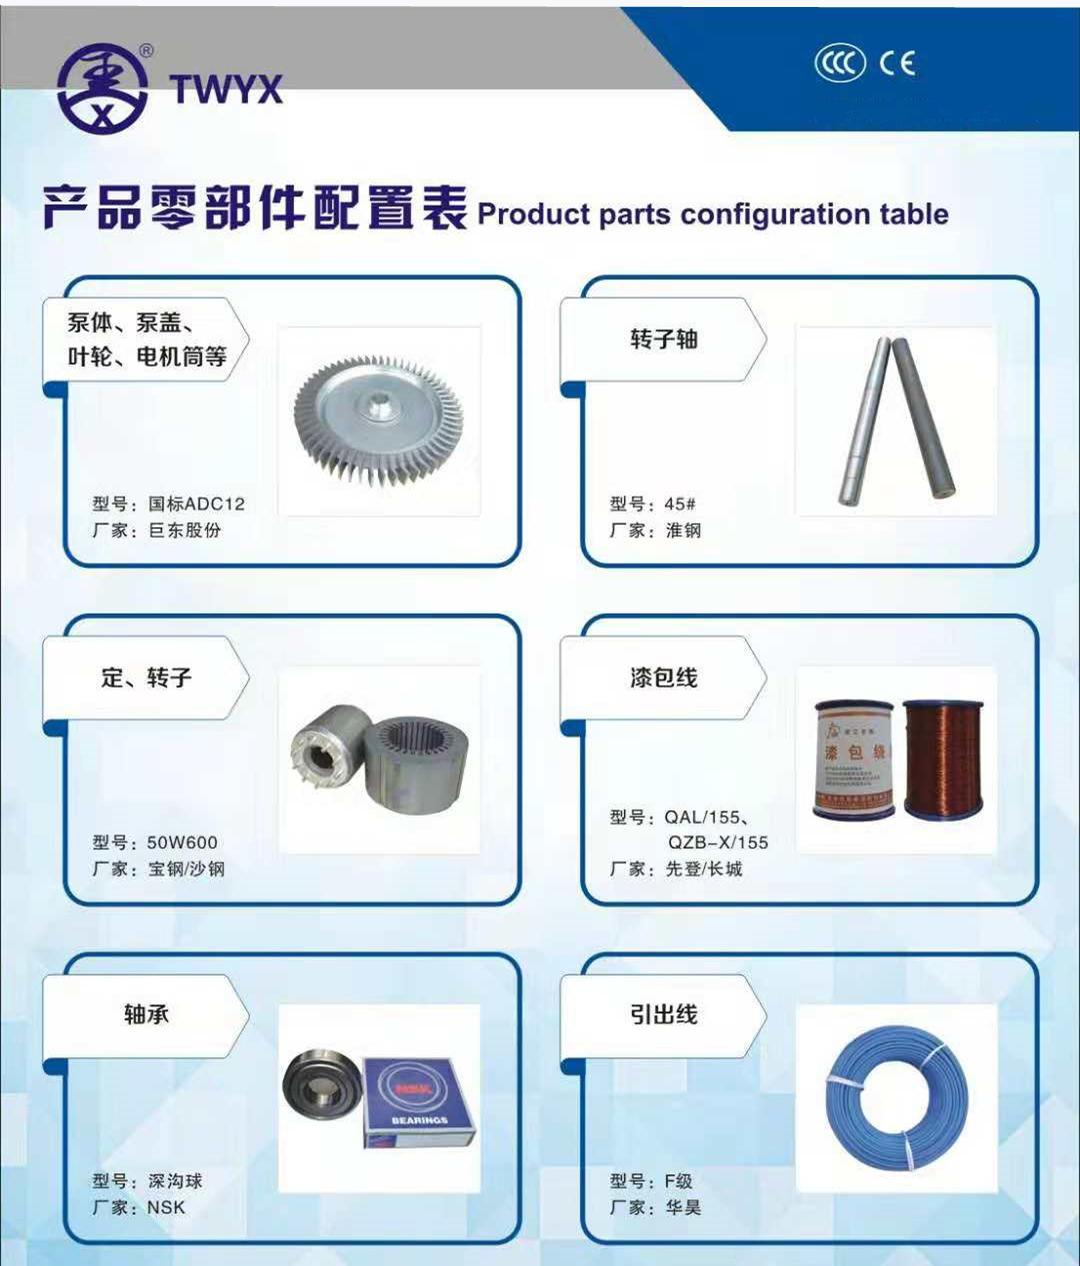 深圳防爆旋涡风机 FB-2防爆旋涡风机 厂家防爆风机示例图6